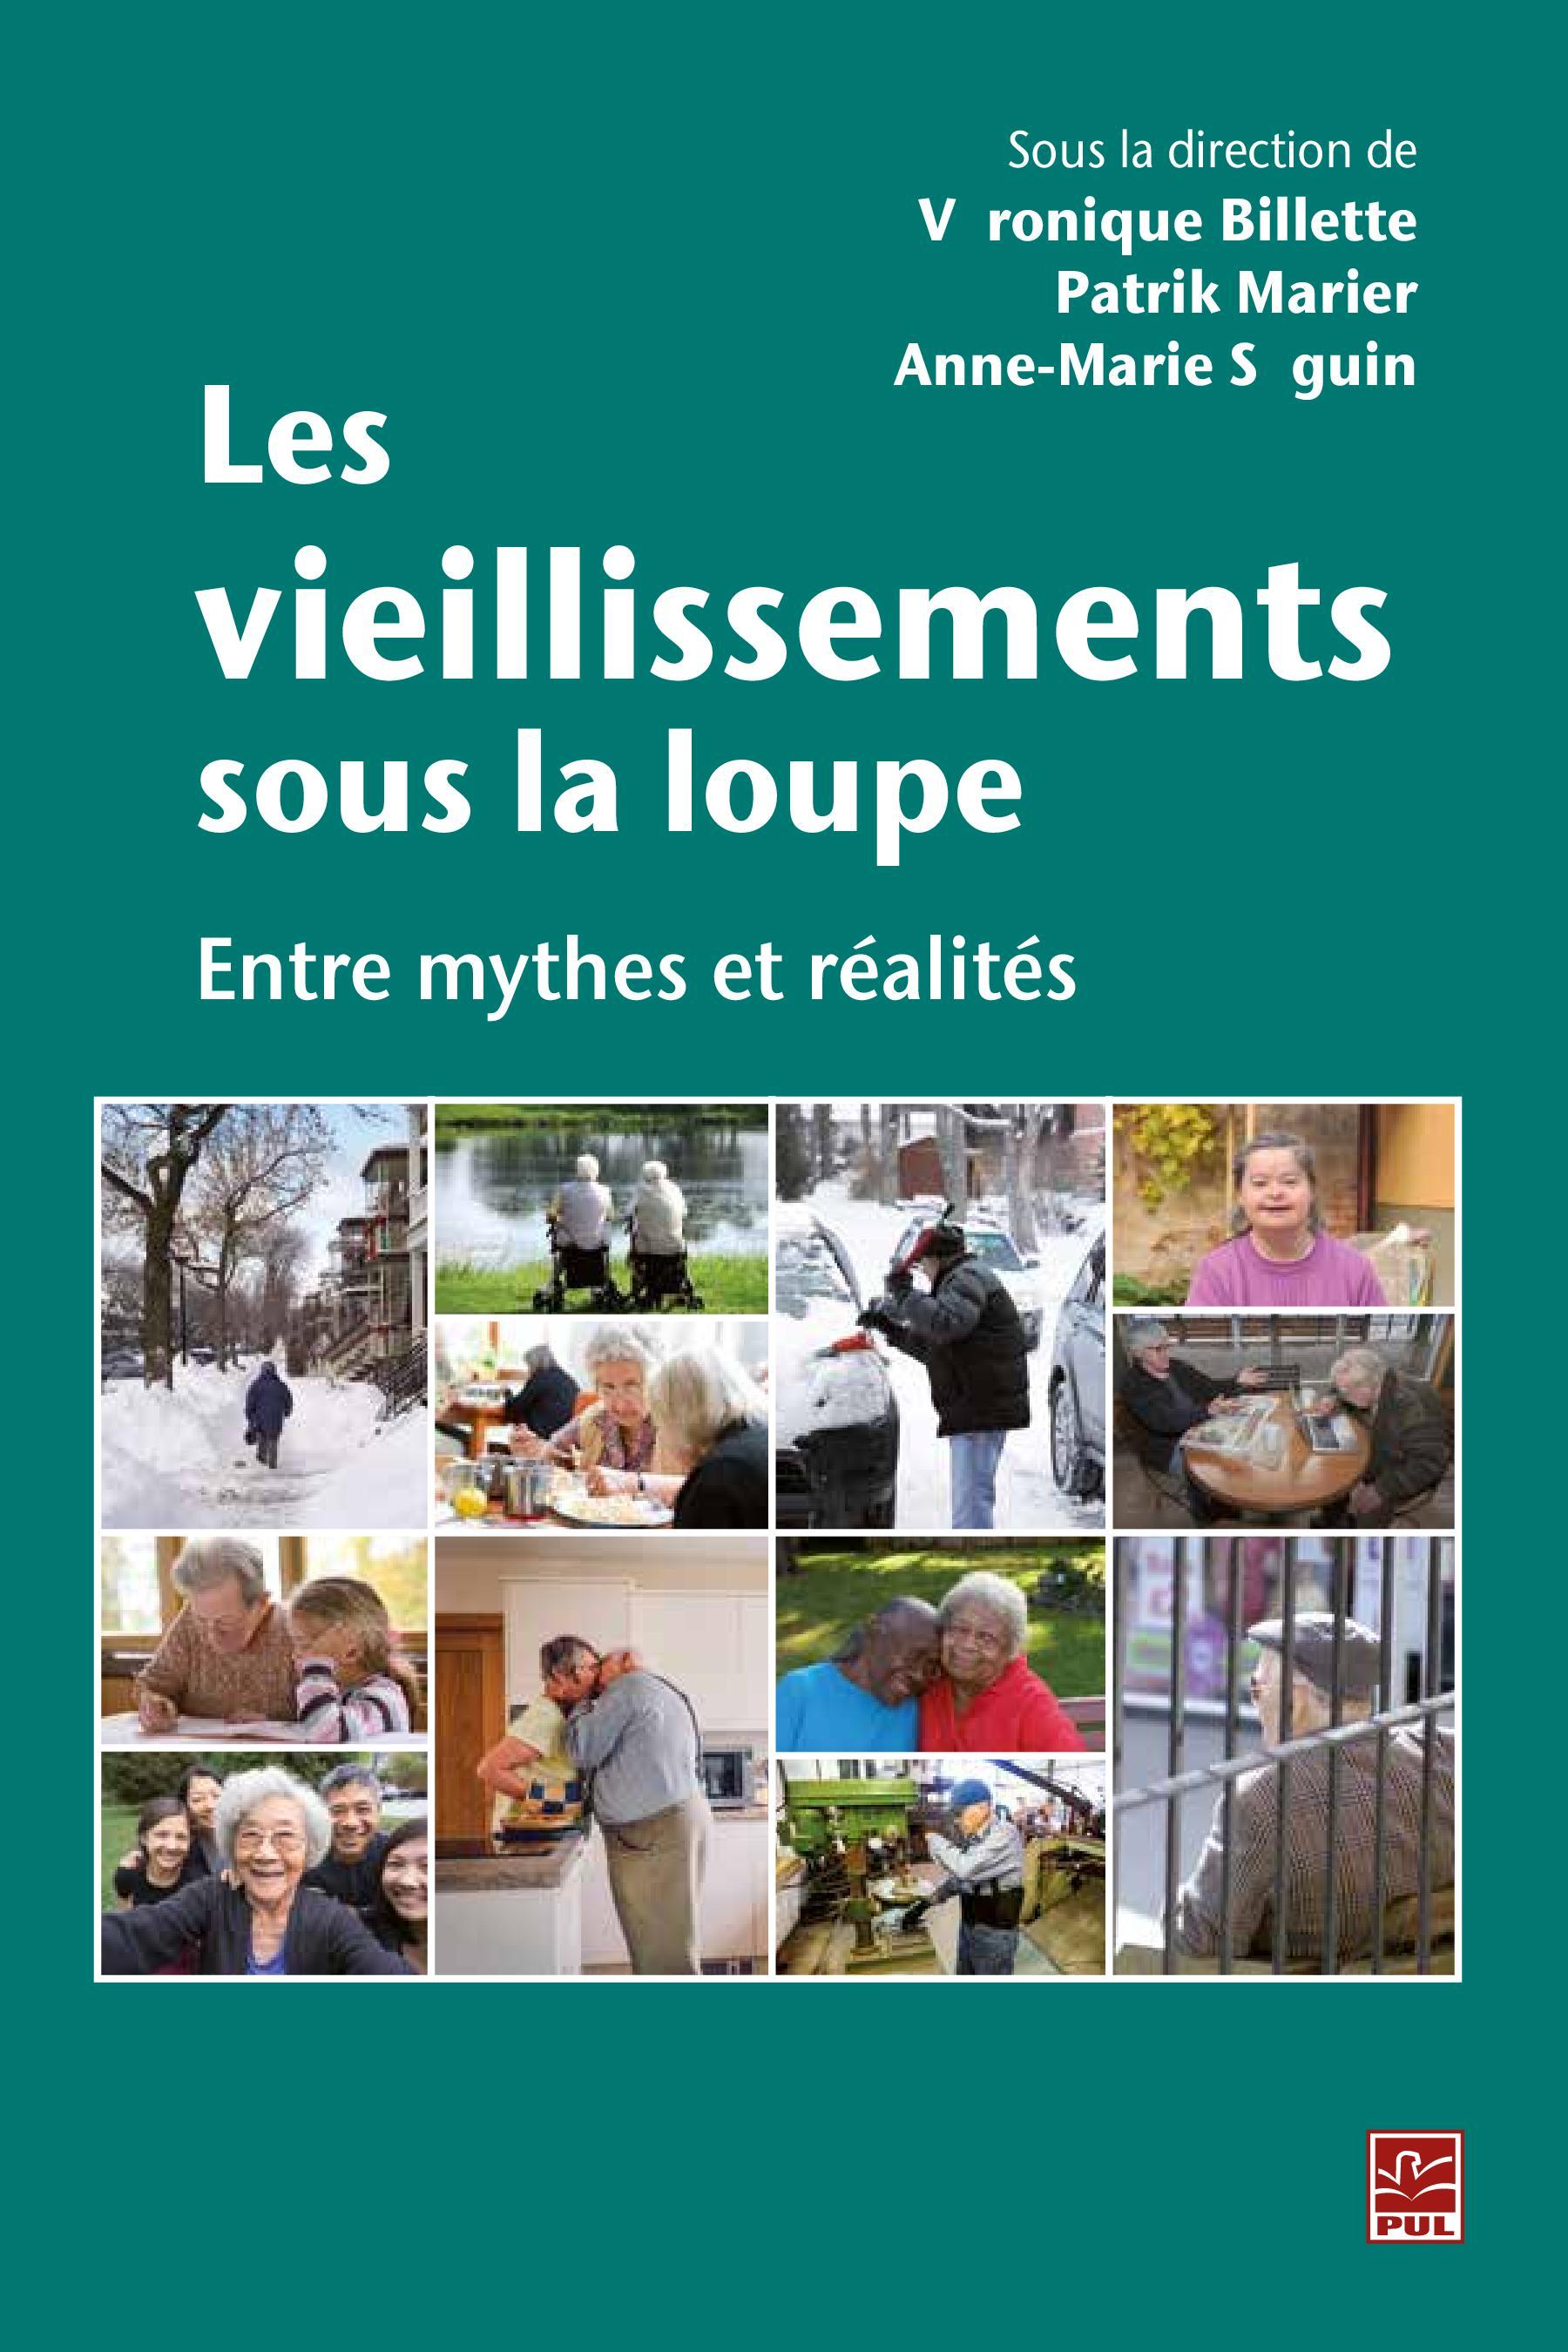 Les vieillissements sous la loupe : Entre mythes et réalités